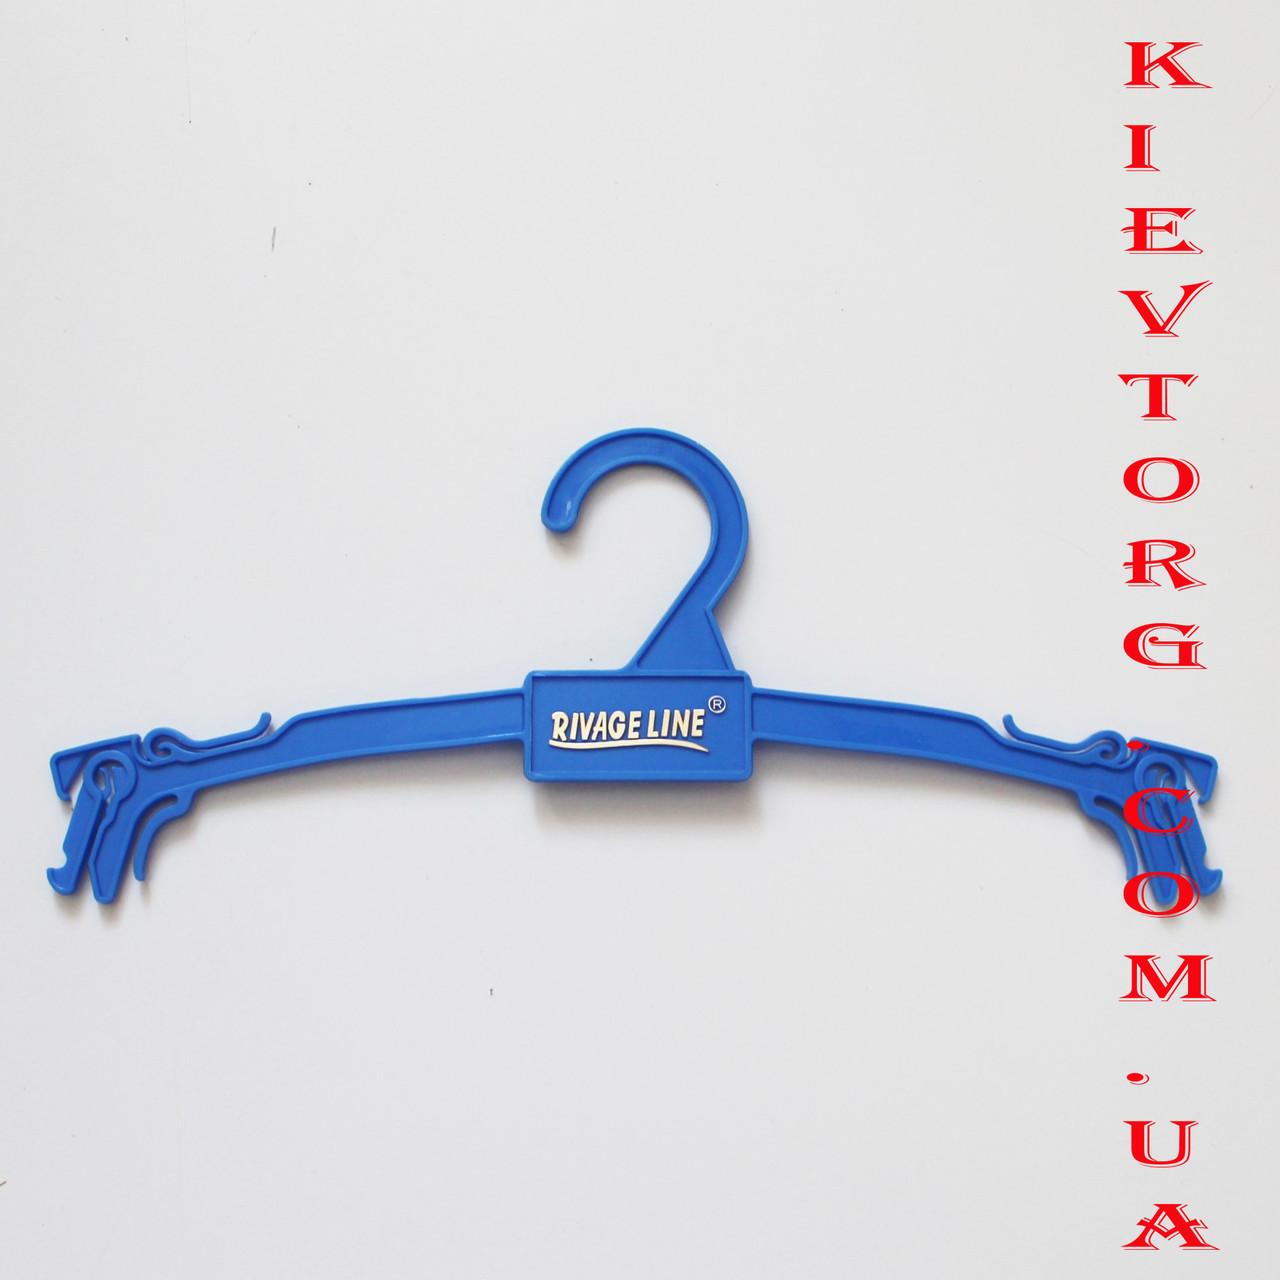 Плечики вешалки трекмпели для магазинов нижнего белья (бельевые) голубые